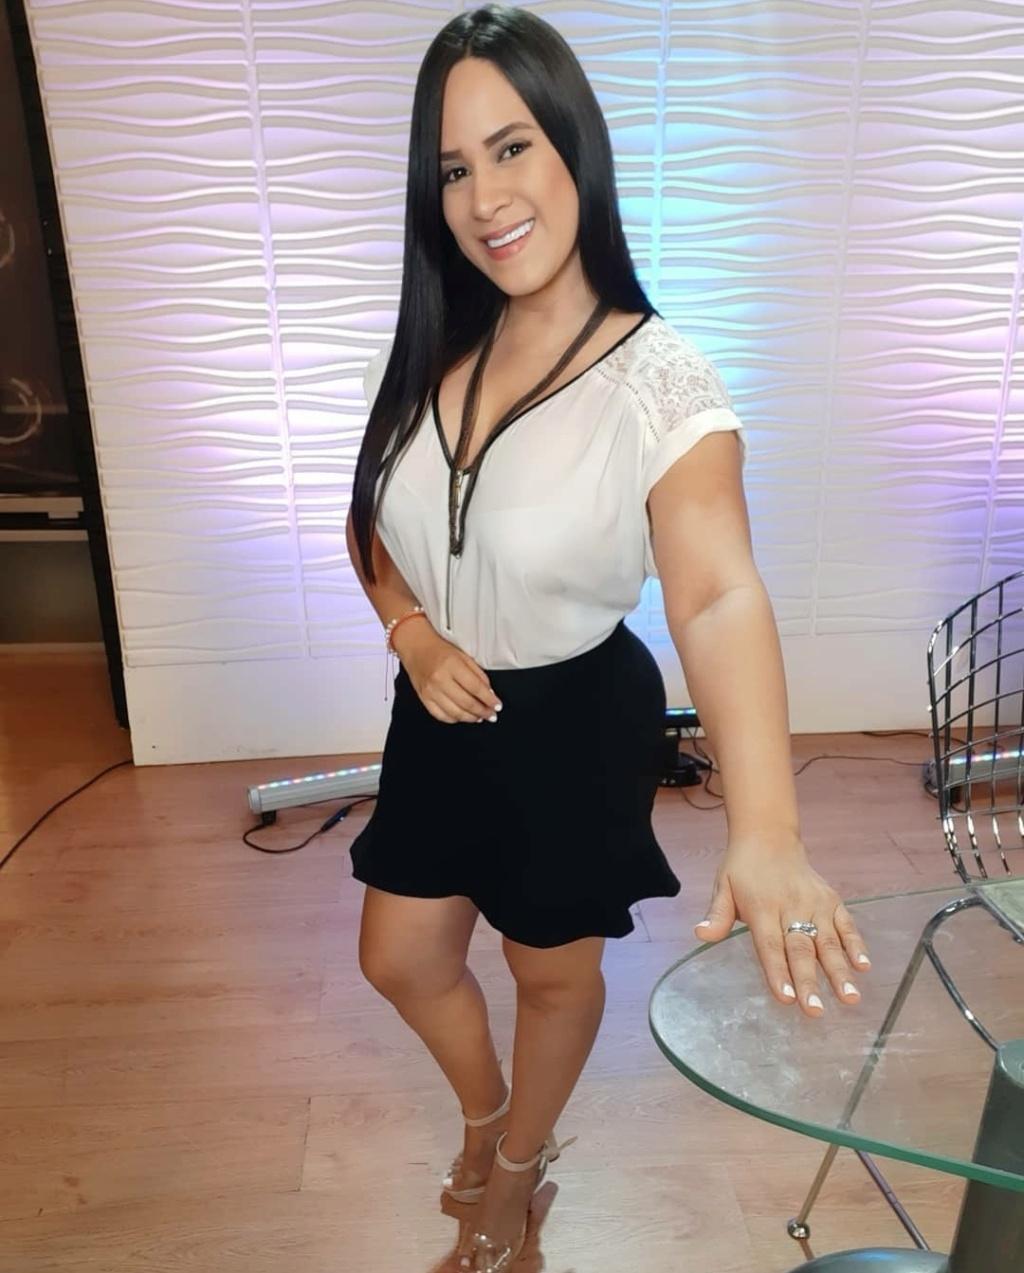 DEBATE sobre belleza, guapura y hermosura (fotos de chicas latinas, mestizas, y de todo) - VOL II - Página 2 Img_1036